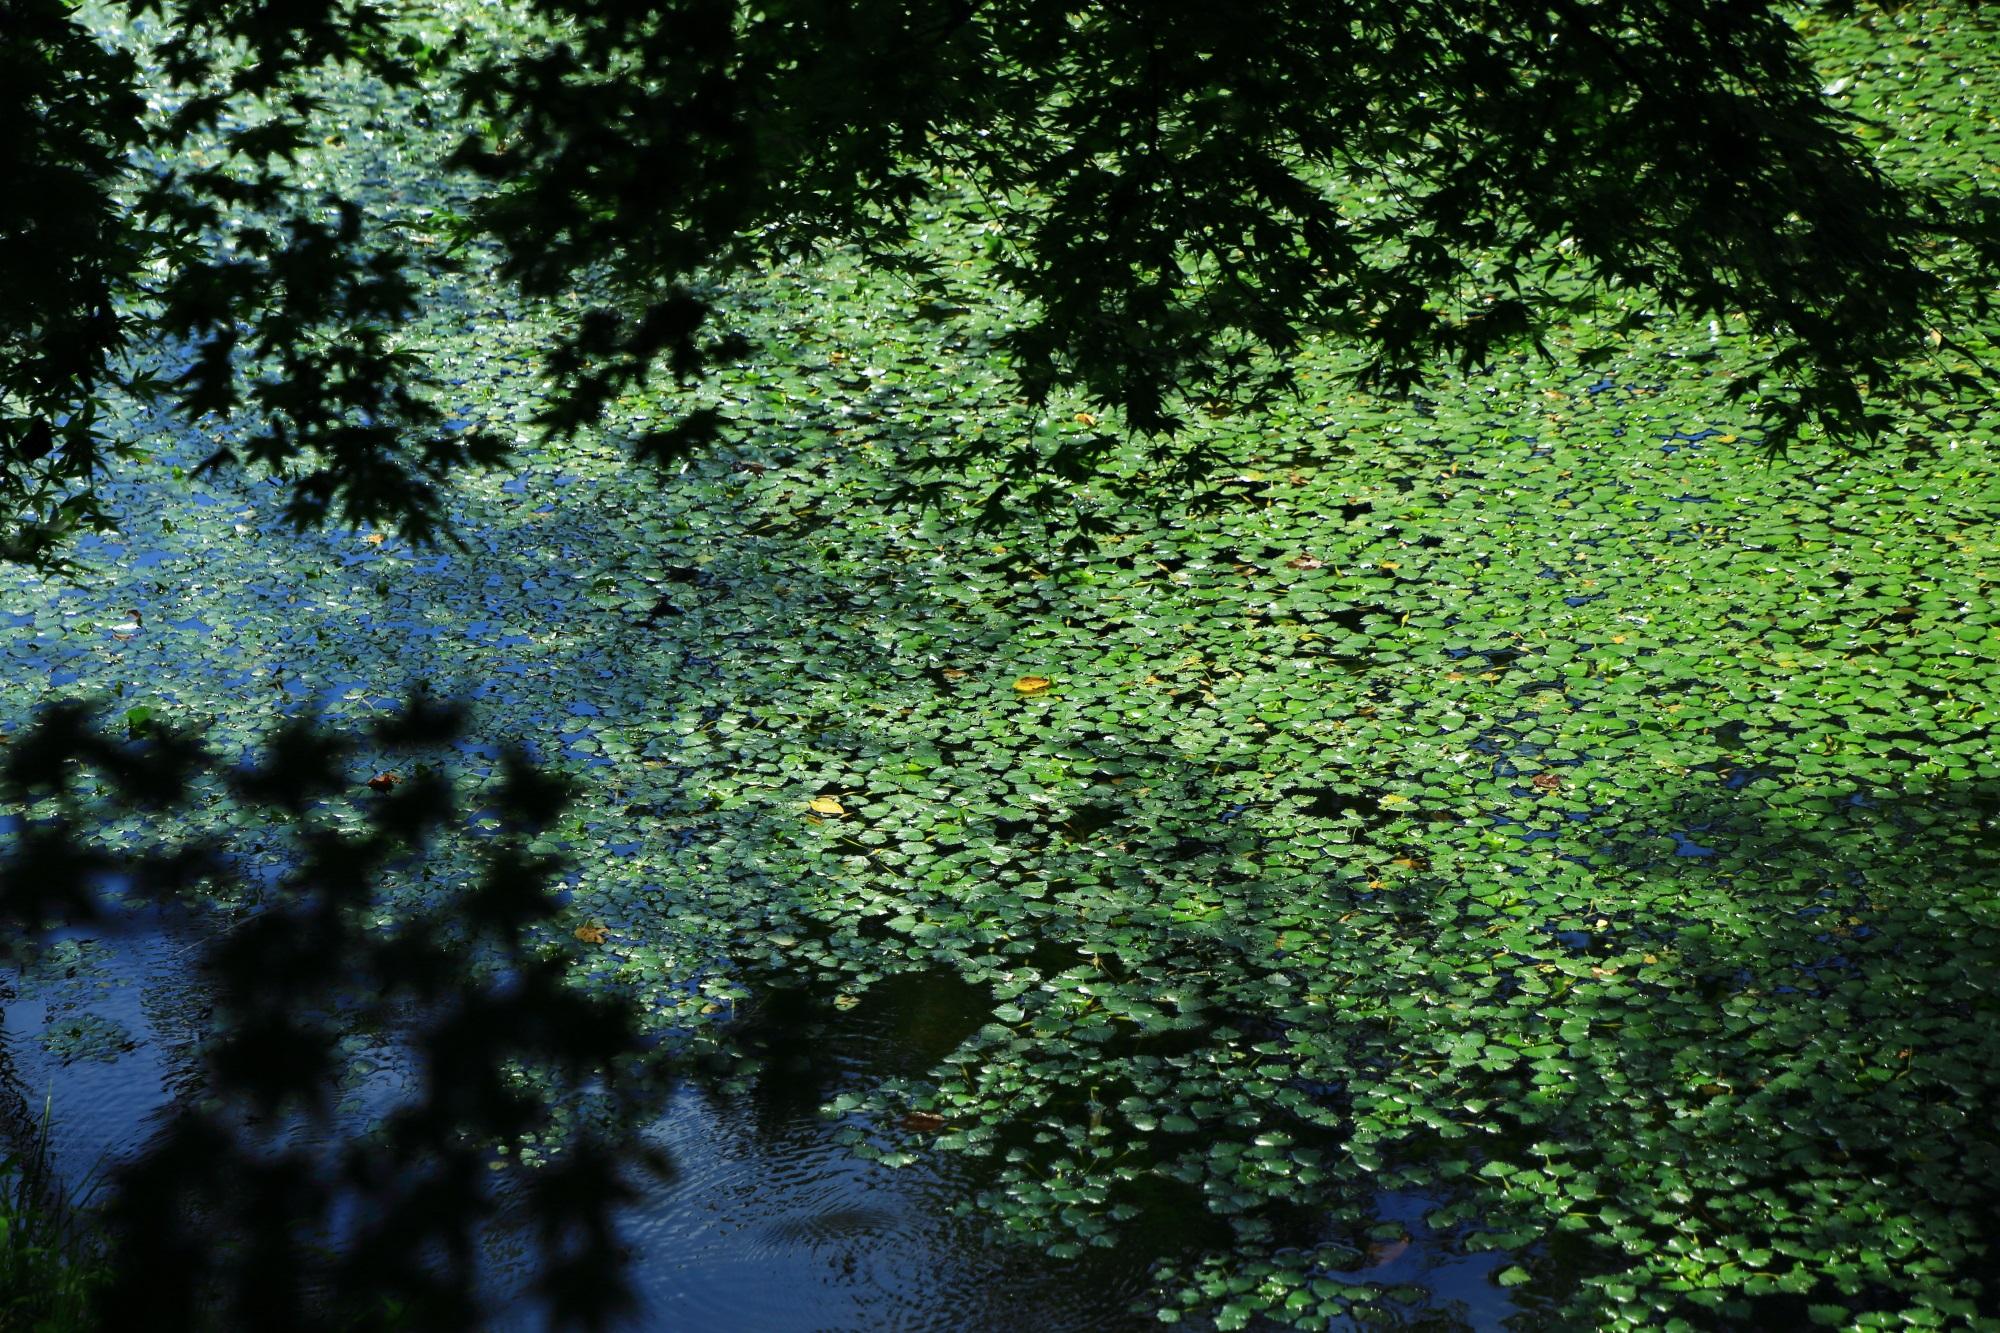 大覚寺の大沢池の水面と浮き草を演出する青もみじと影